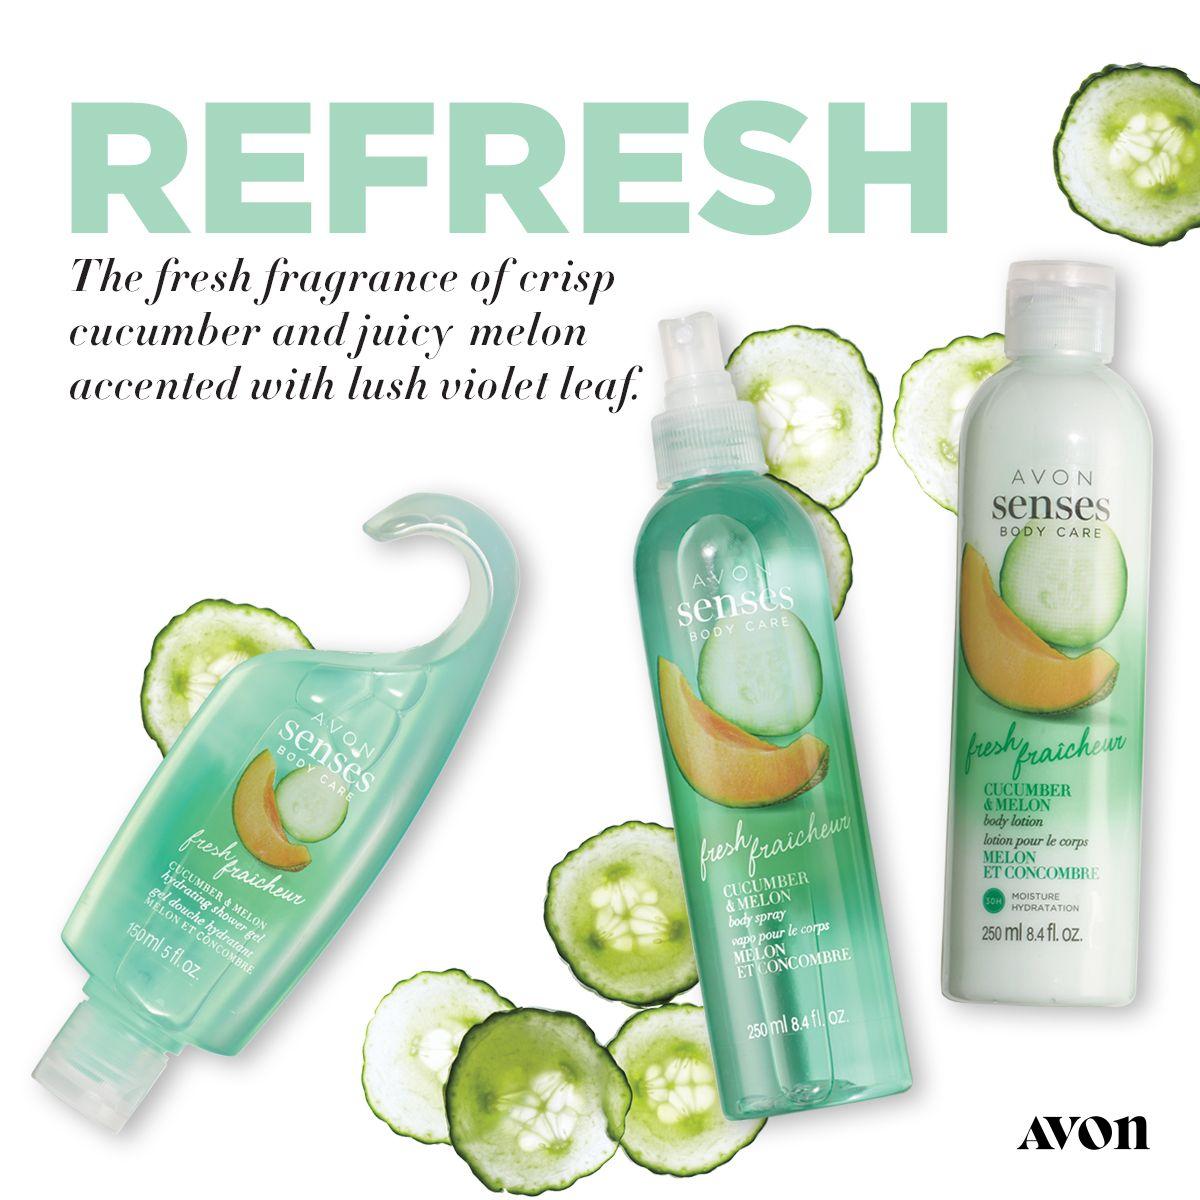 Https Www Avon Com Product Avon Senses Fresh Cucumber Melon Hydrating Shower Gel 55330 Utm Medium Rep Rep Tjett C Mb Pint In 2020 Shower Gel Cucumber Melon Fragrance